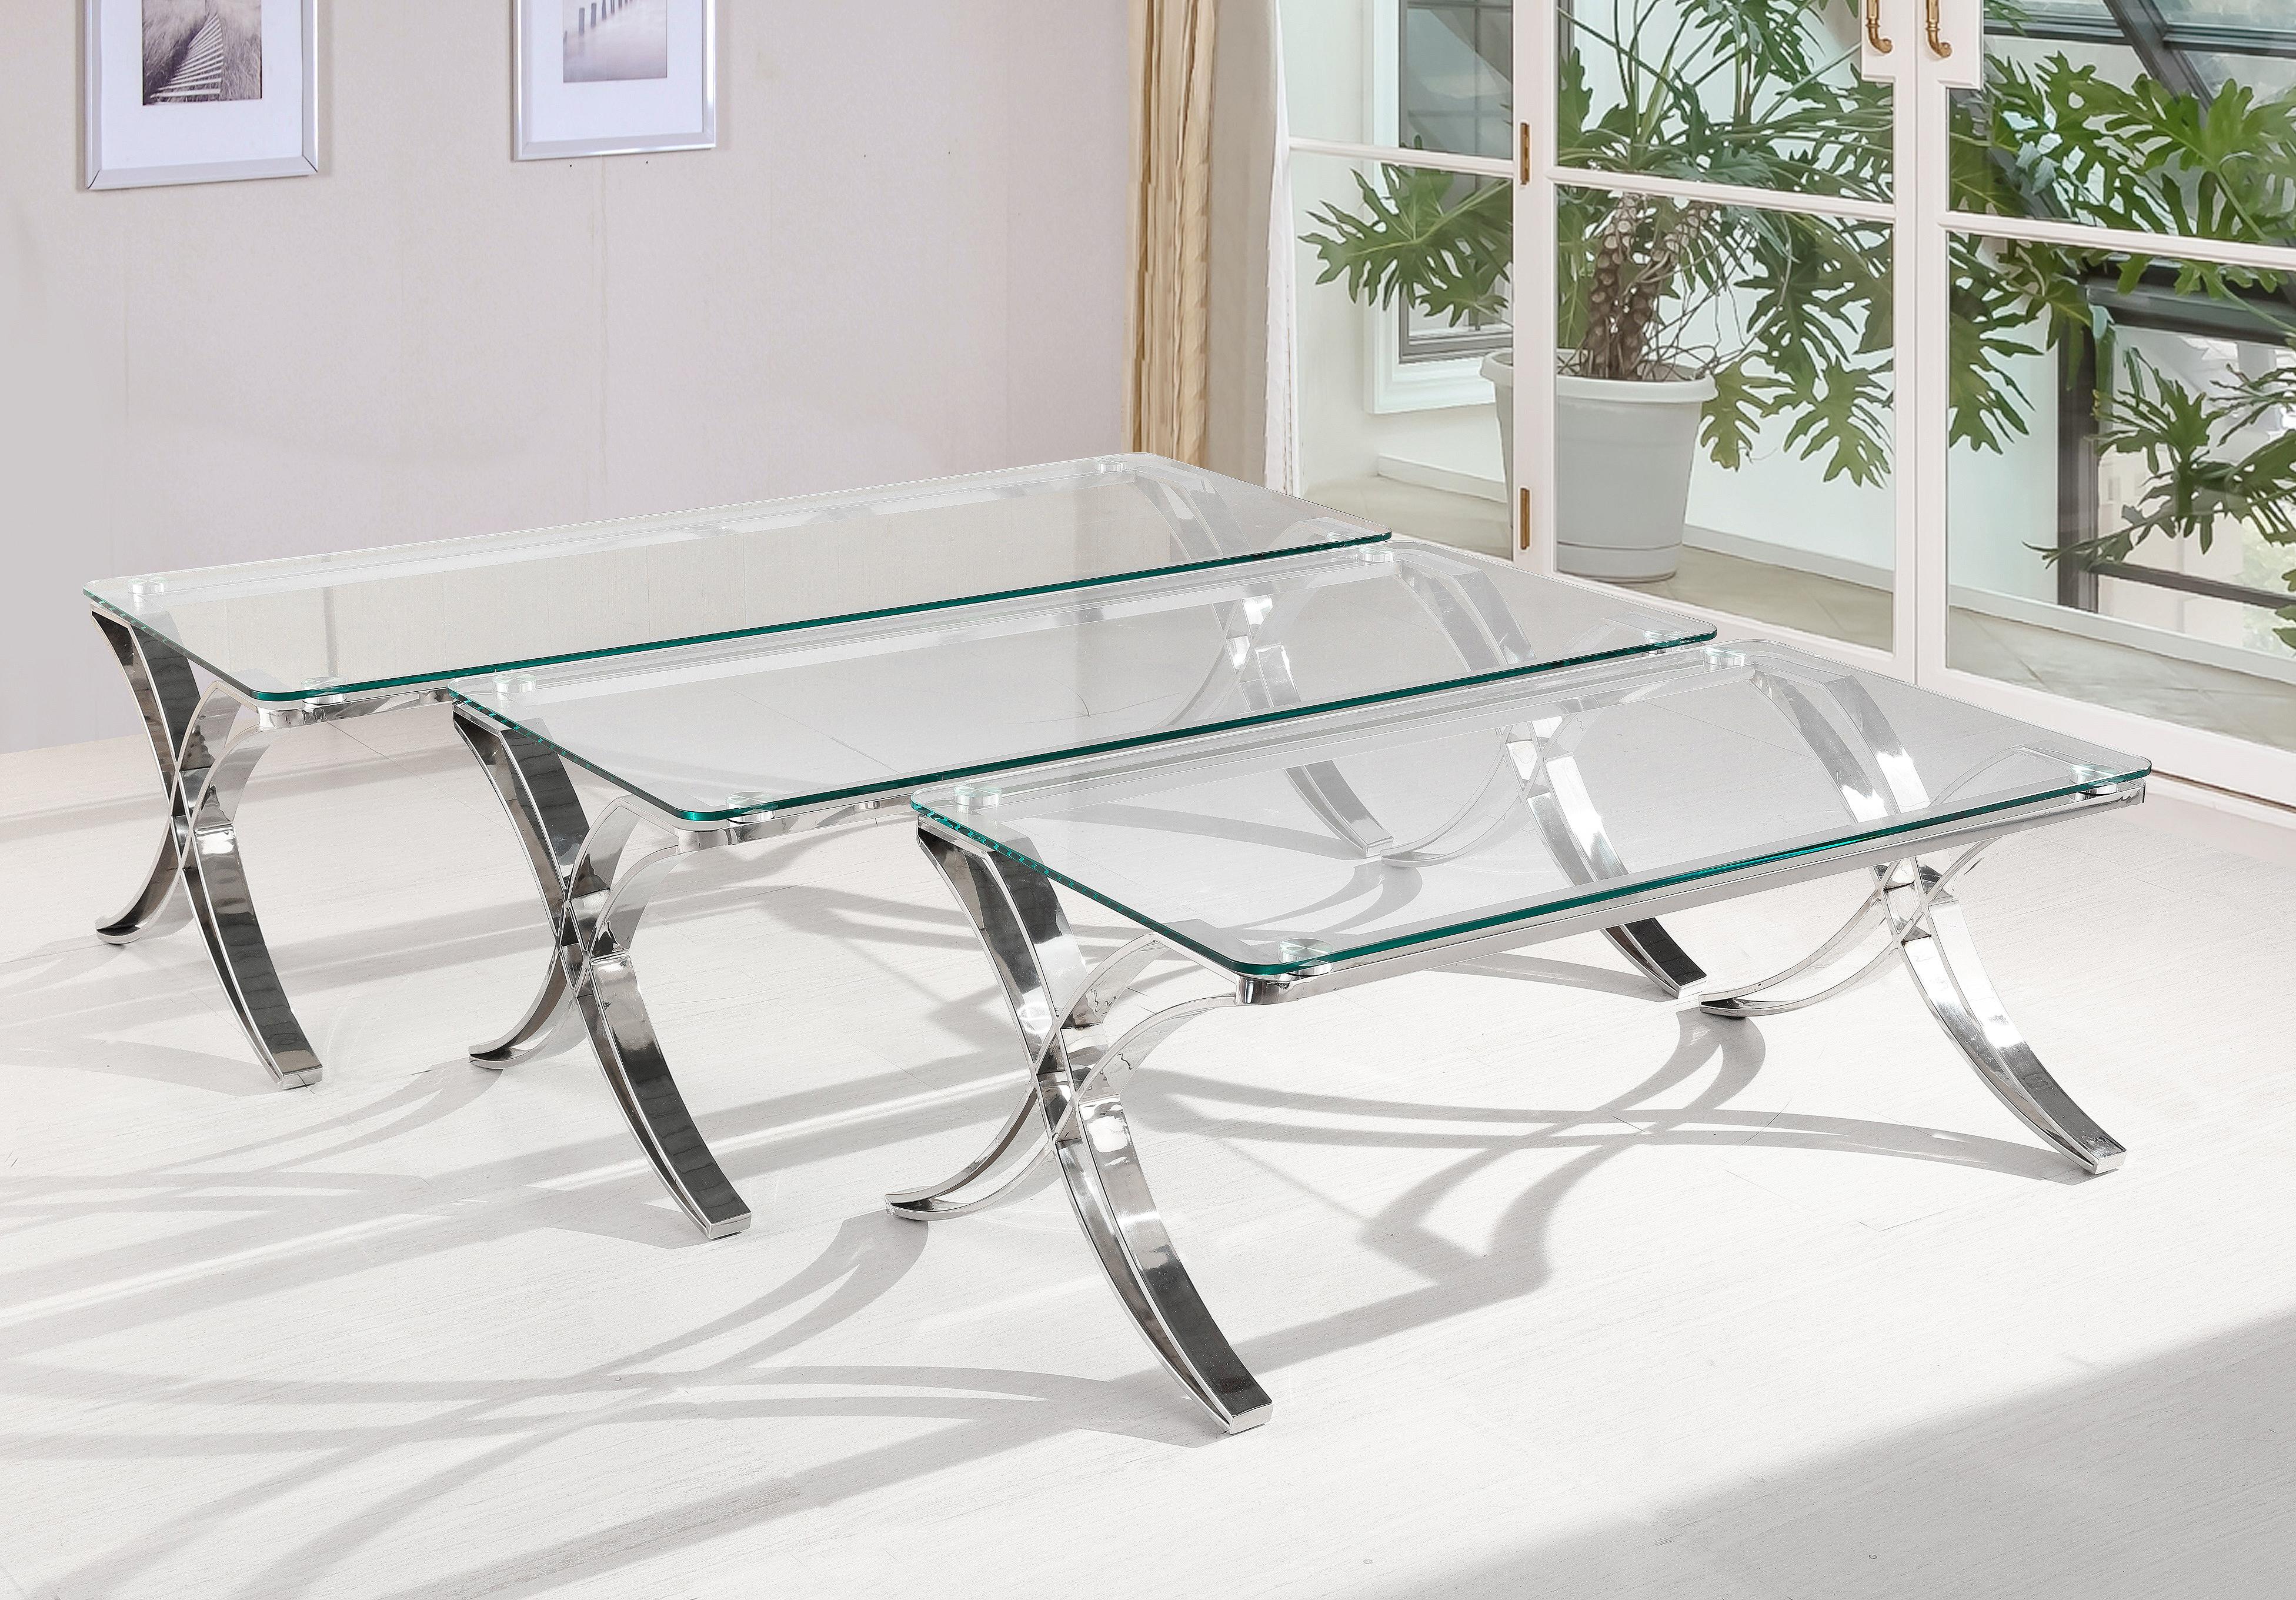 מאוד שולחן סלון זכוכית דגם A 734 SLEEPNET - SLEEPNET - שולחנות לסלון ZM-23